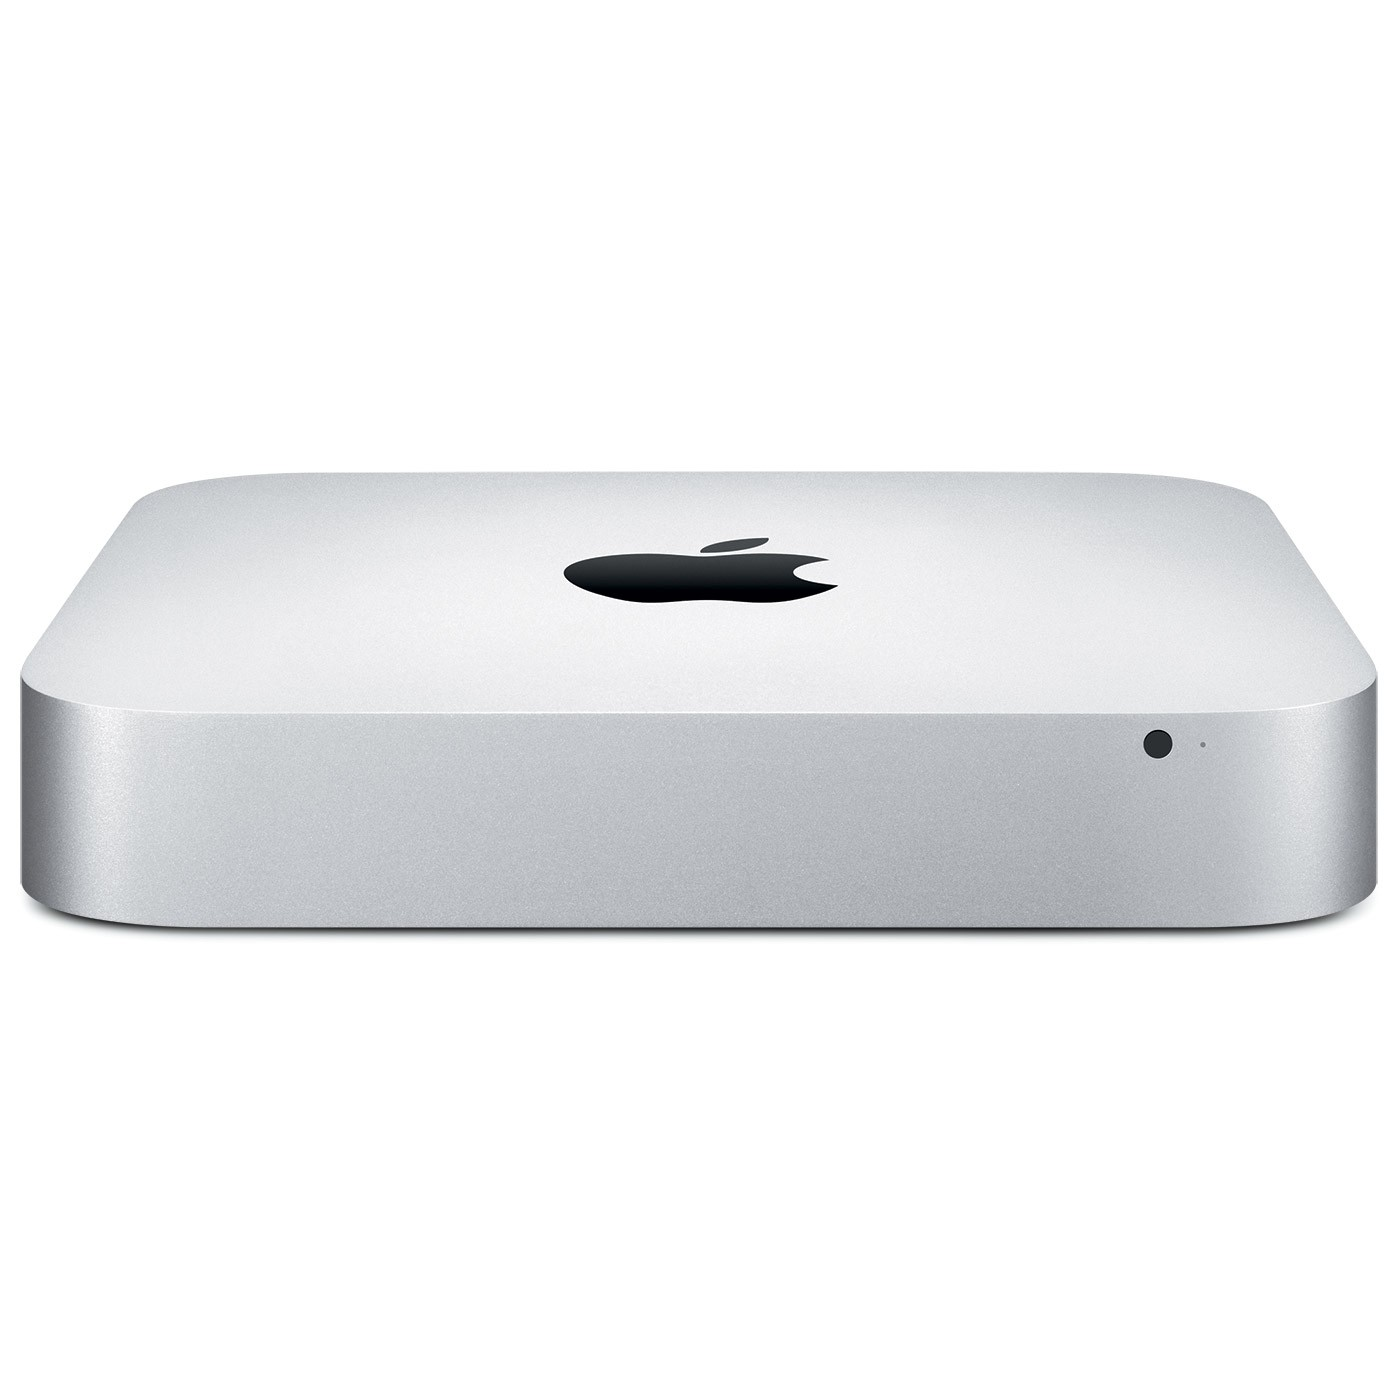 Mac Mini Core i5 1,4 Ghz,4 Go RAM,500 Go HDD (1 an de Garantie)